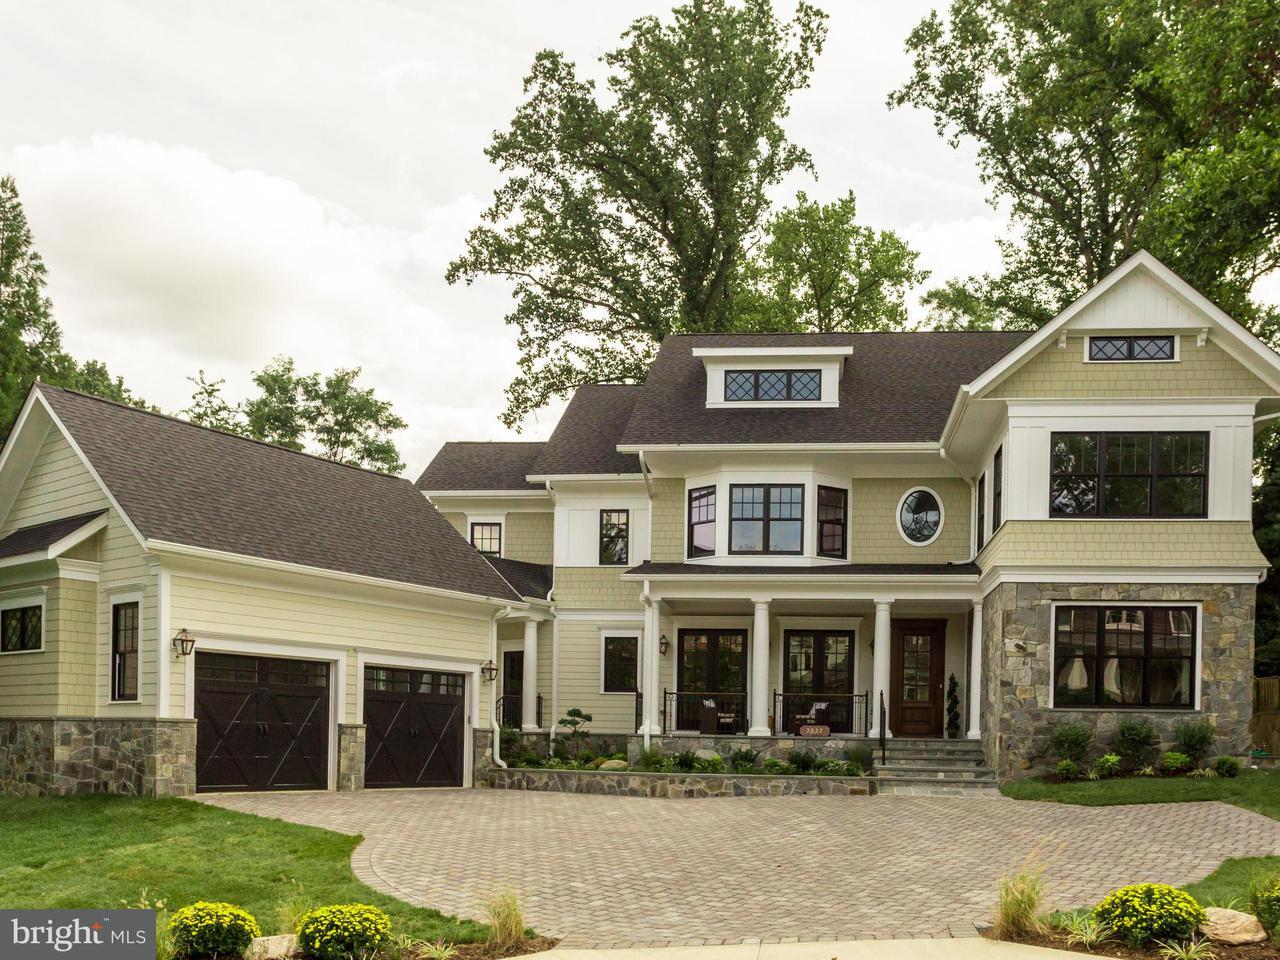 Частный односемейный дом для того Продажа на 2822 23RD RD N 2822 23RD RD N Arlington, Виргиния 22201 Соединенные Штаты